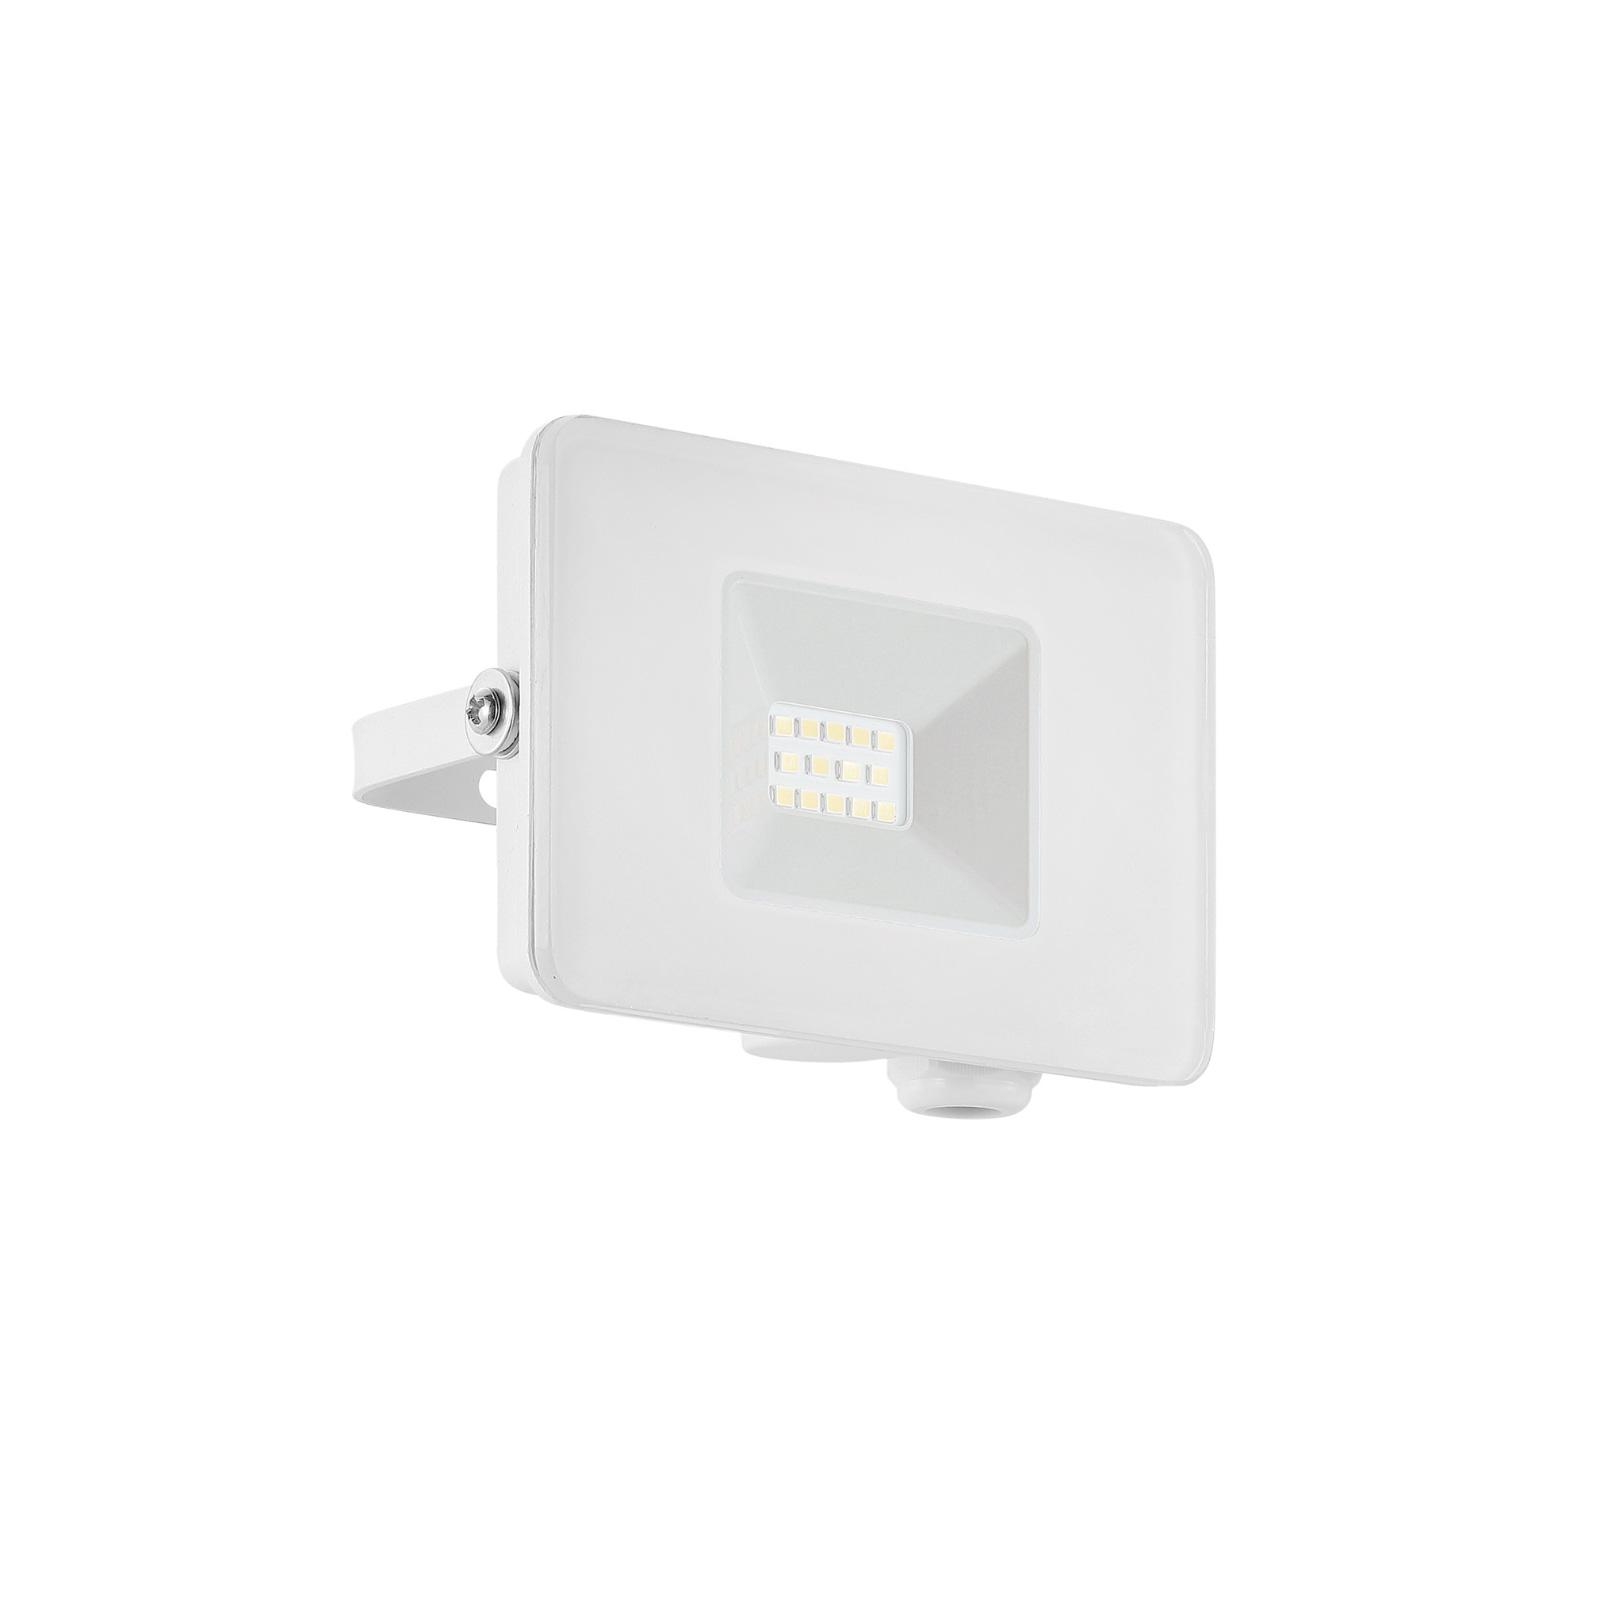 Reflektor zewnętrzny LED Faedo 3 biały, 10W